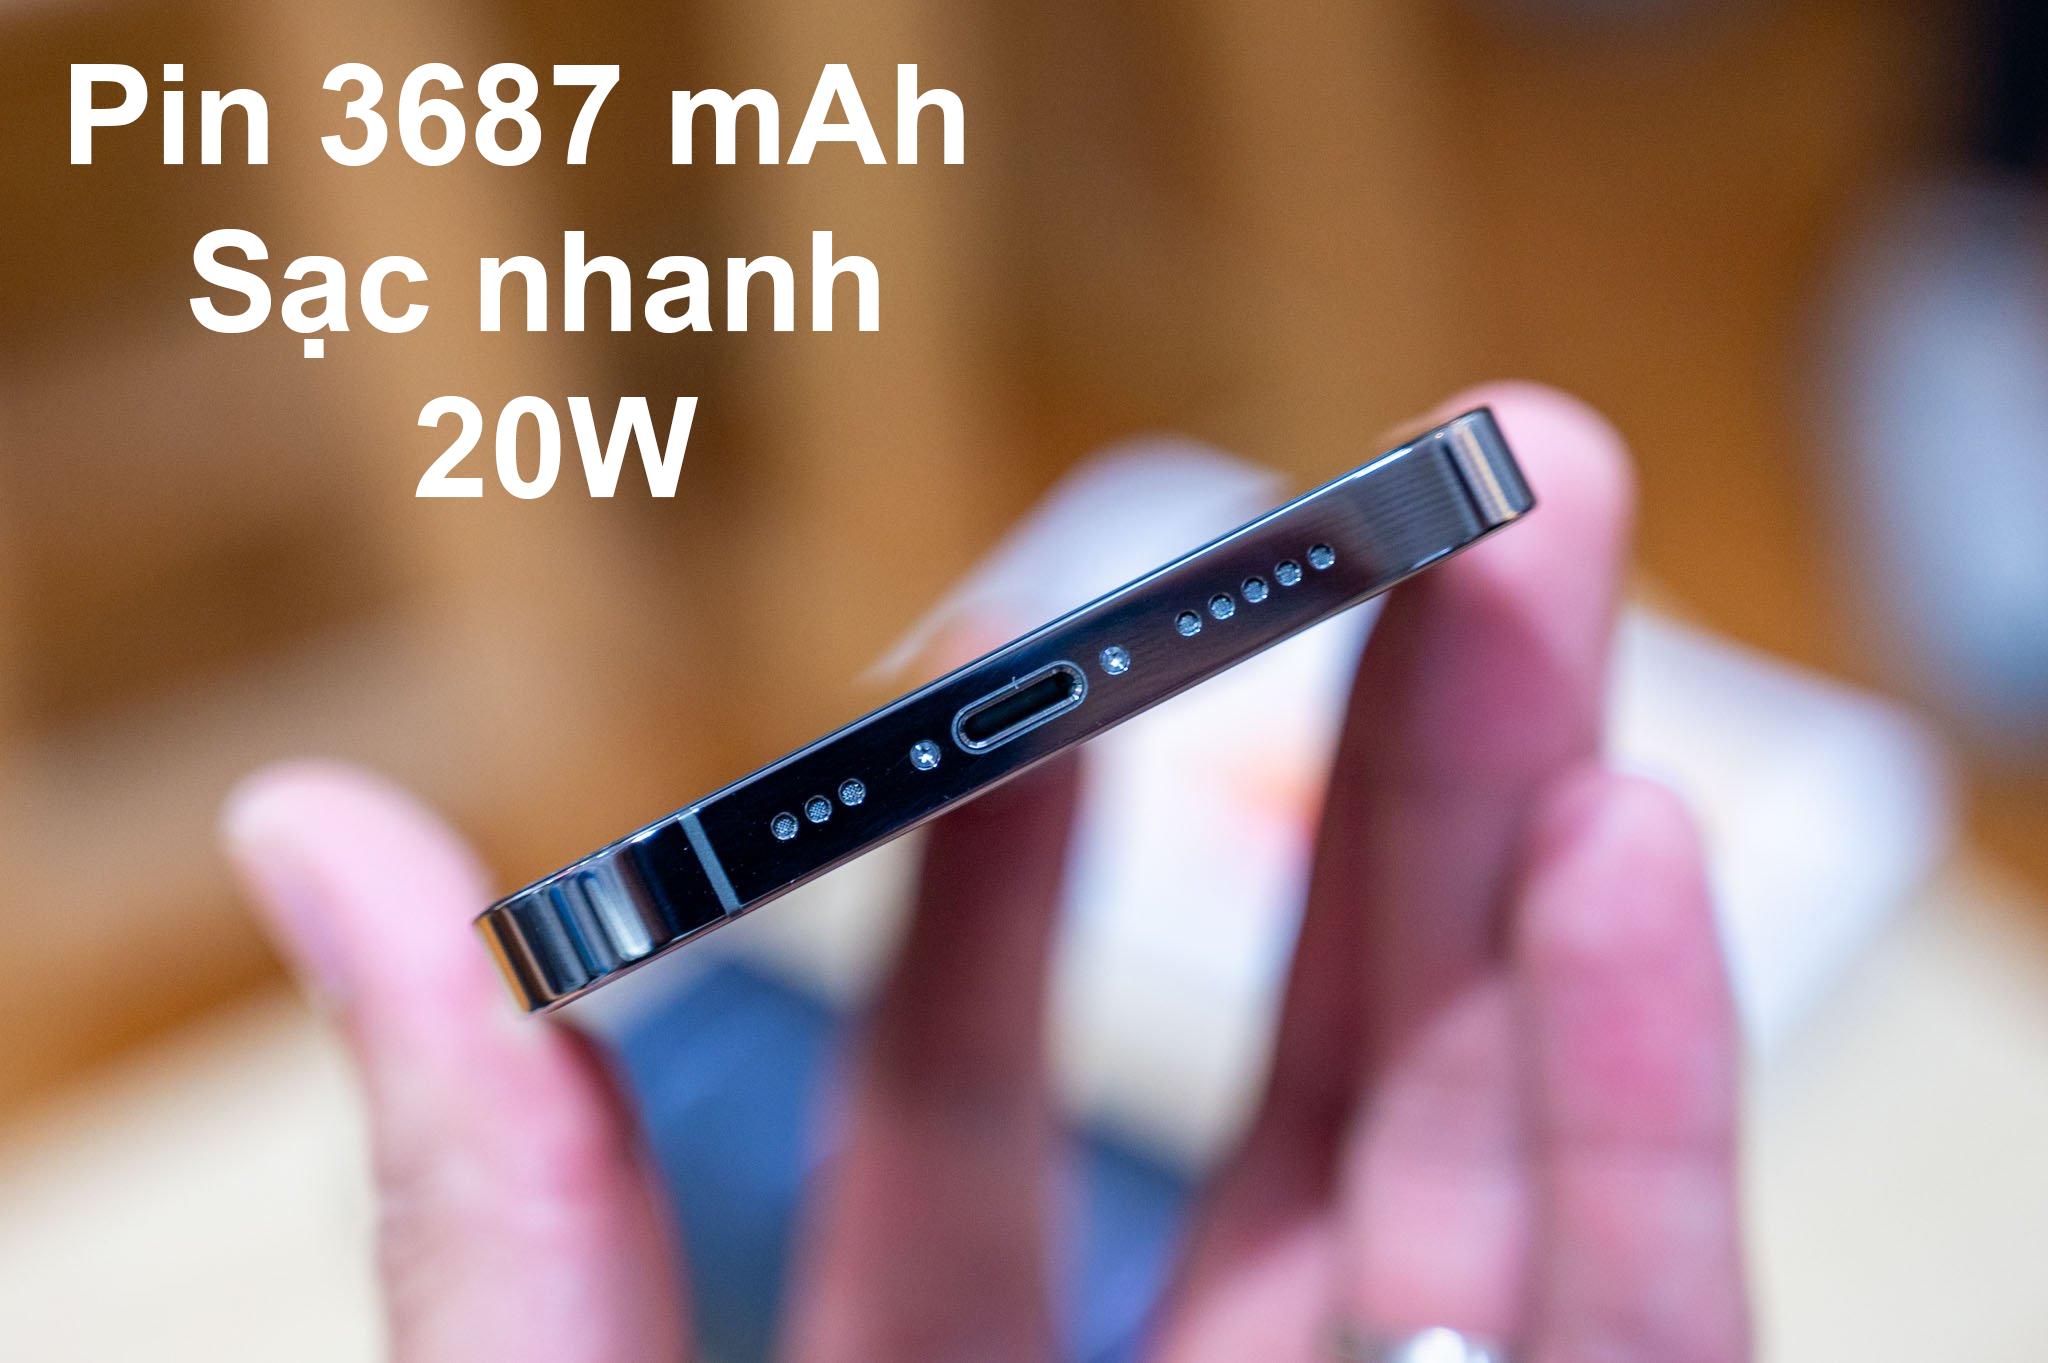 iPhone 12 Pro Max 128 GB | Pin dung lượng 3687mAh sạc nhanh 20W